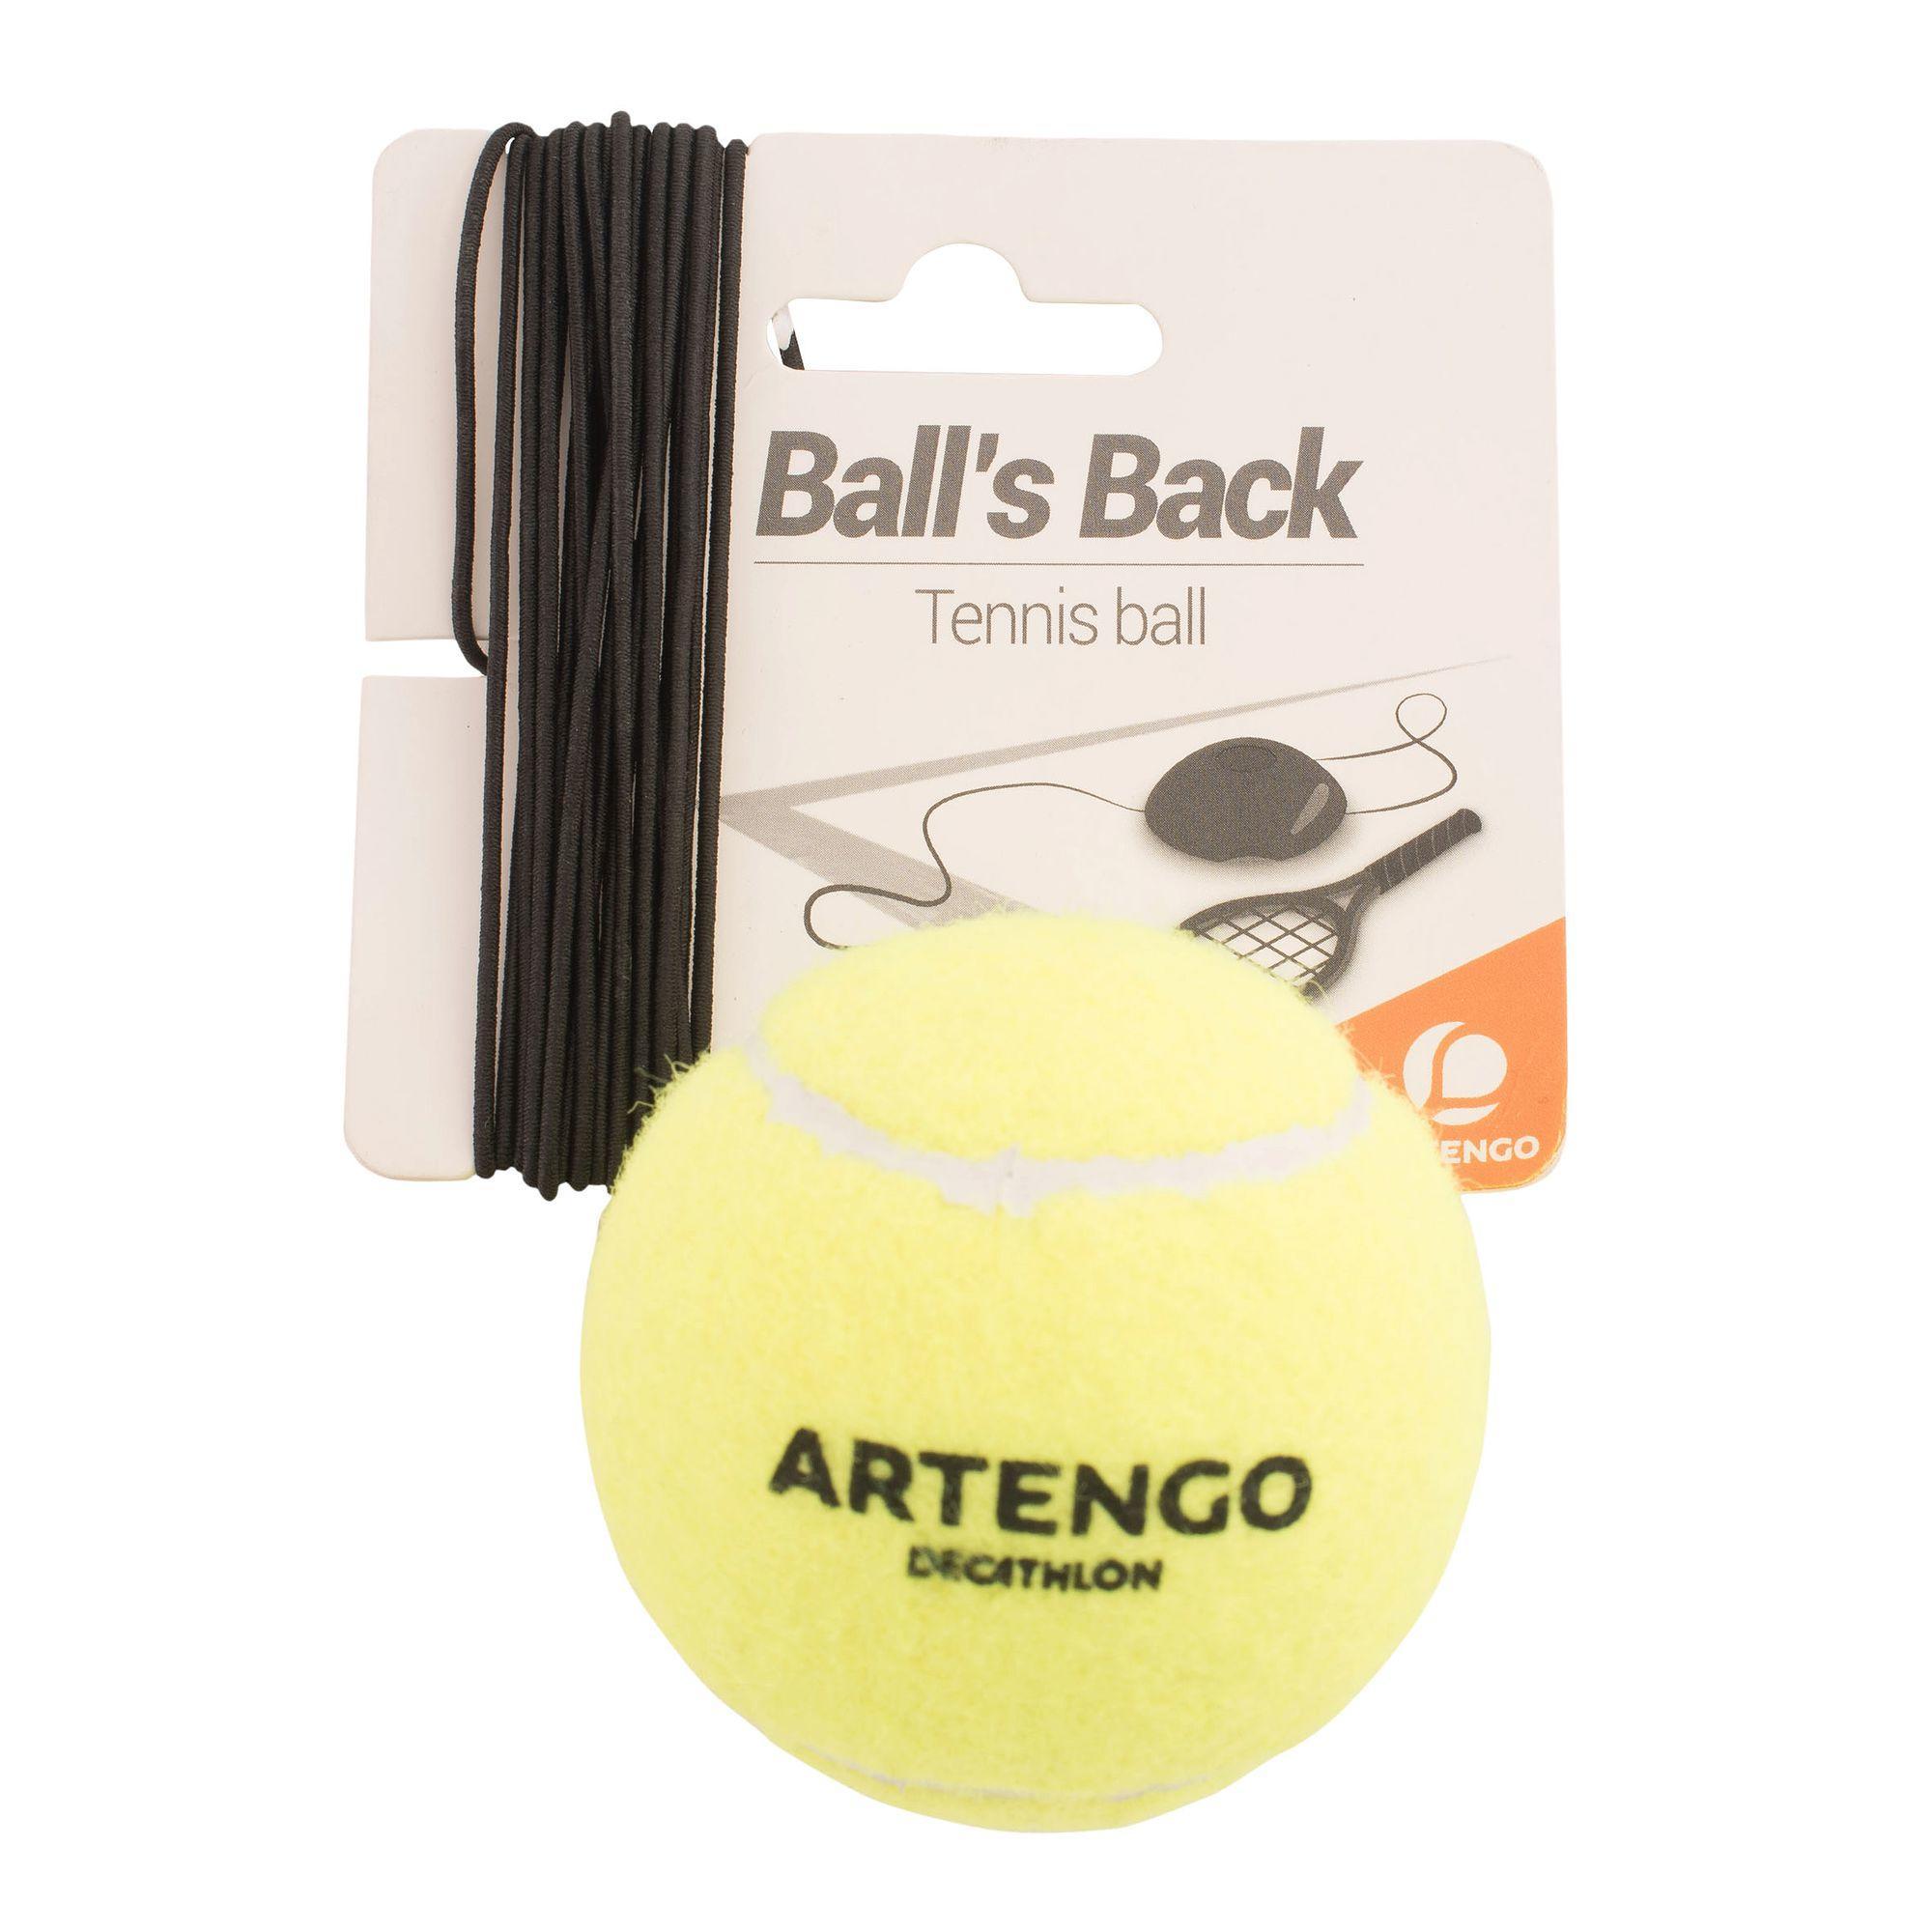 Balle de tennis et élastique pour tennis trainer ball is back artengo